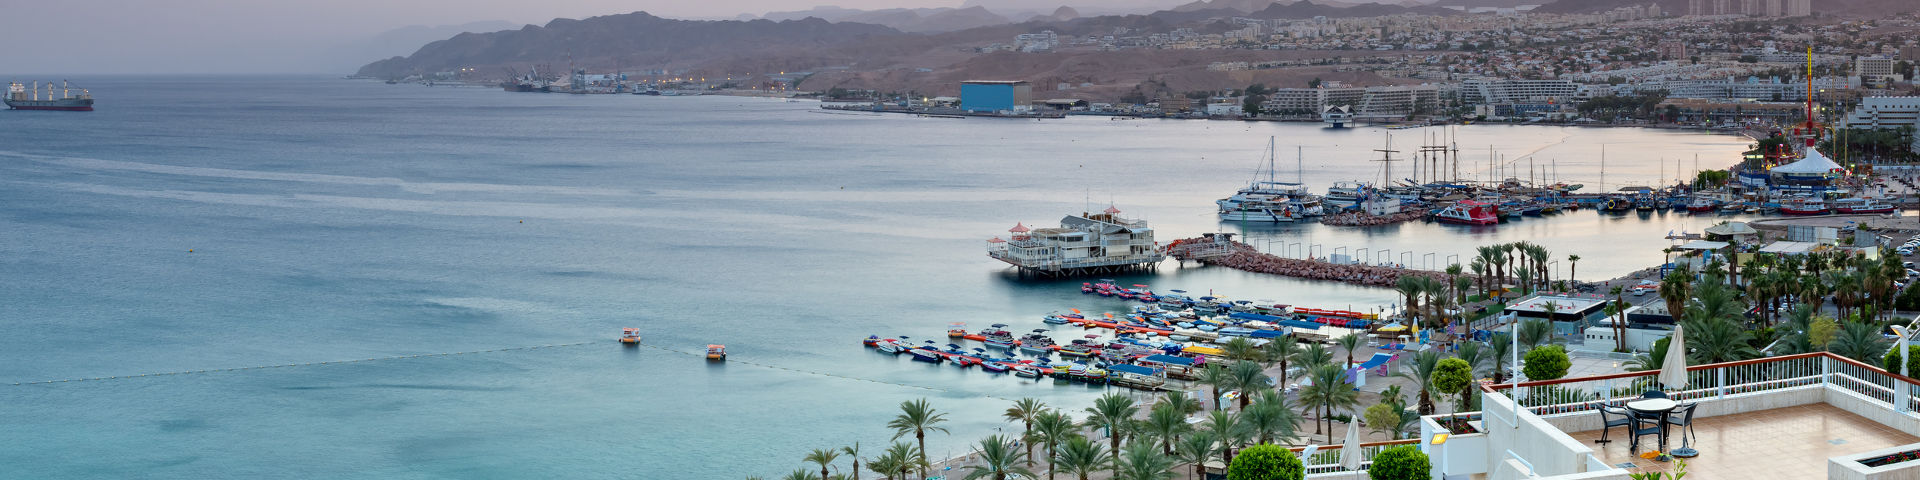 Aqaba hero1